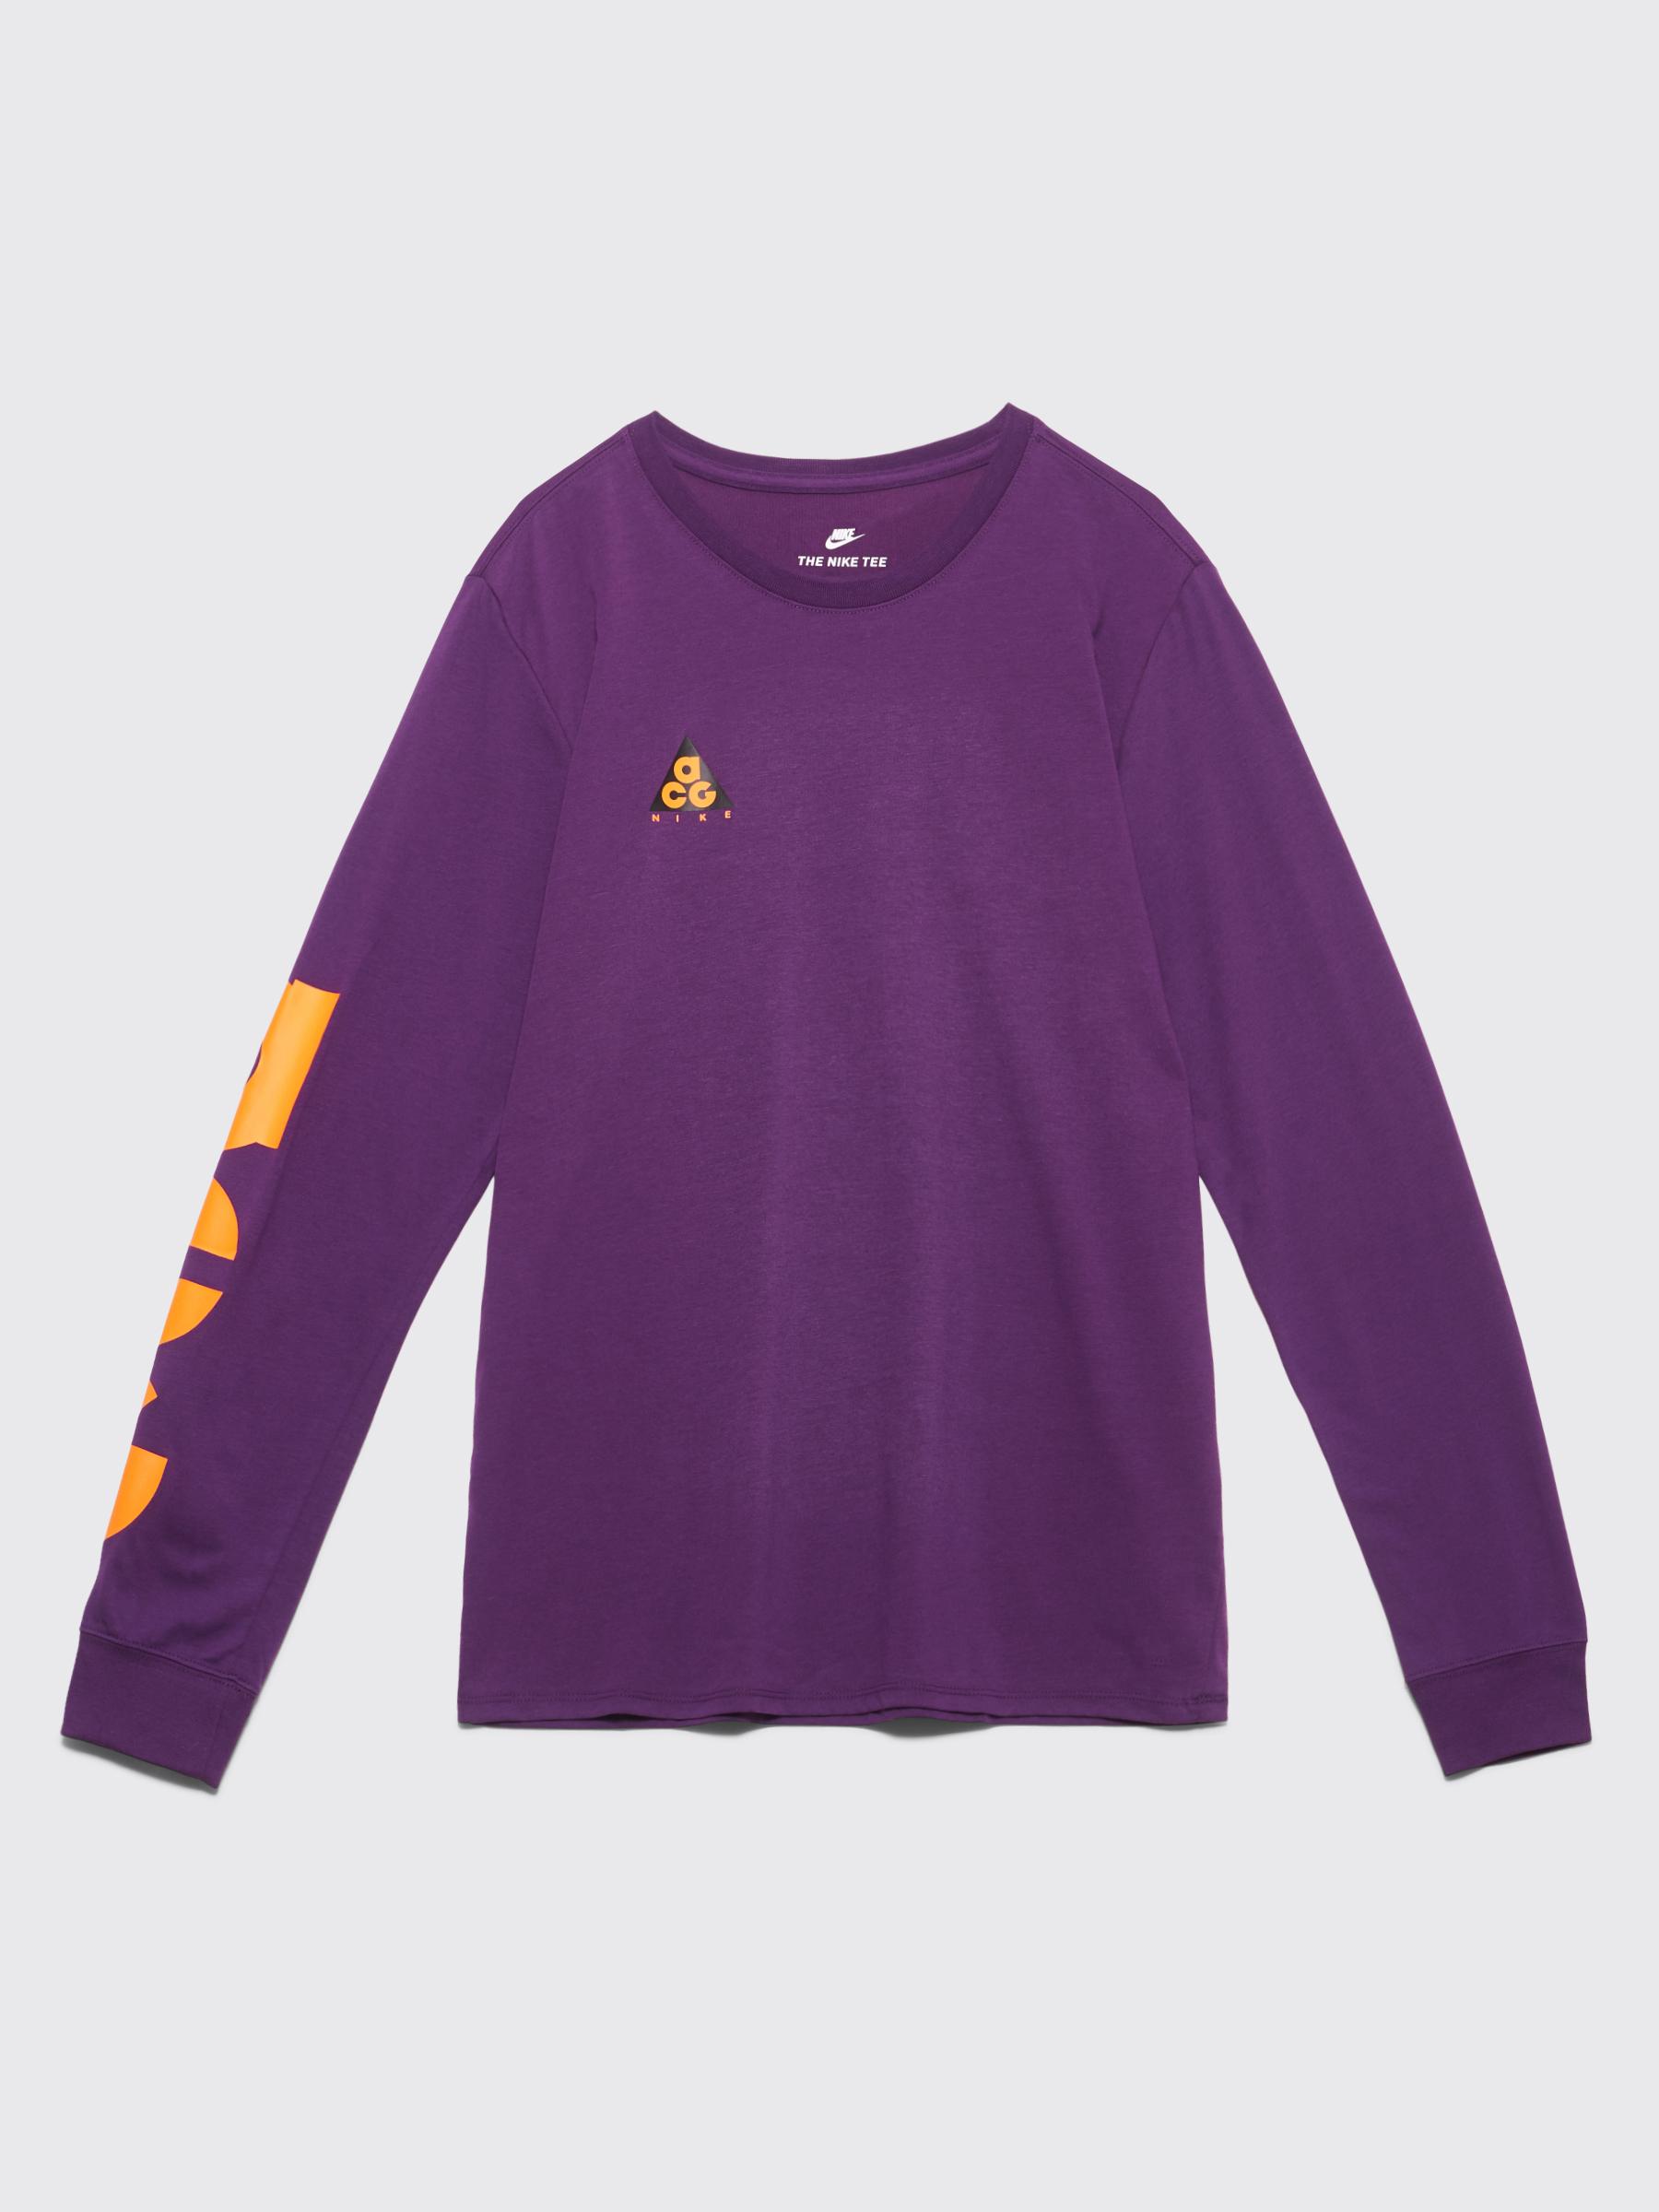 a24029c6 Très Bien - Nike Sportswear ACG Long Sleeve T-shirt Night Purple ...